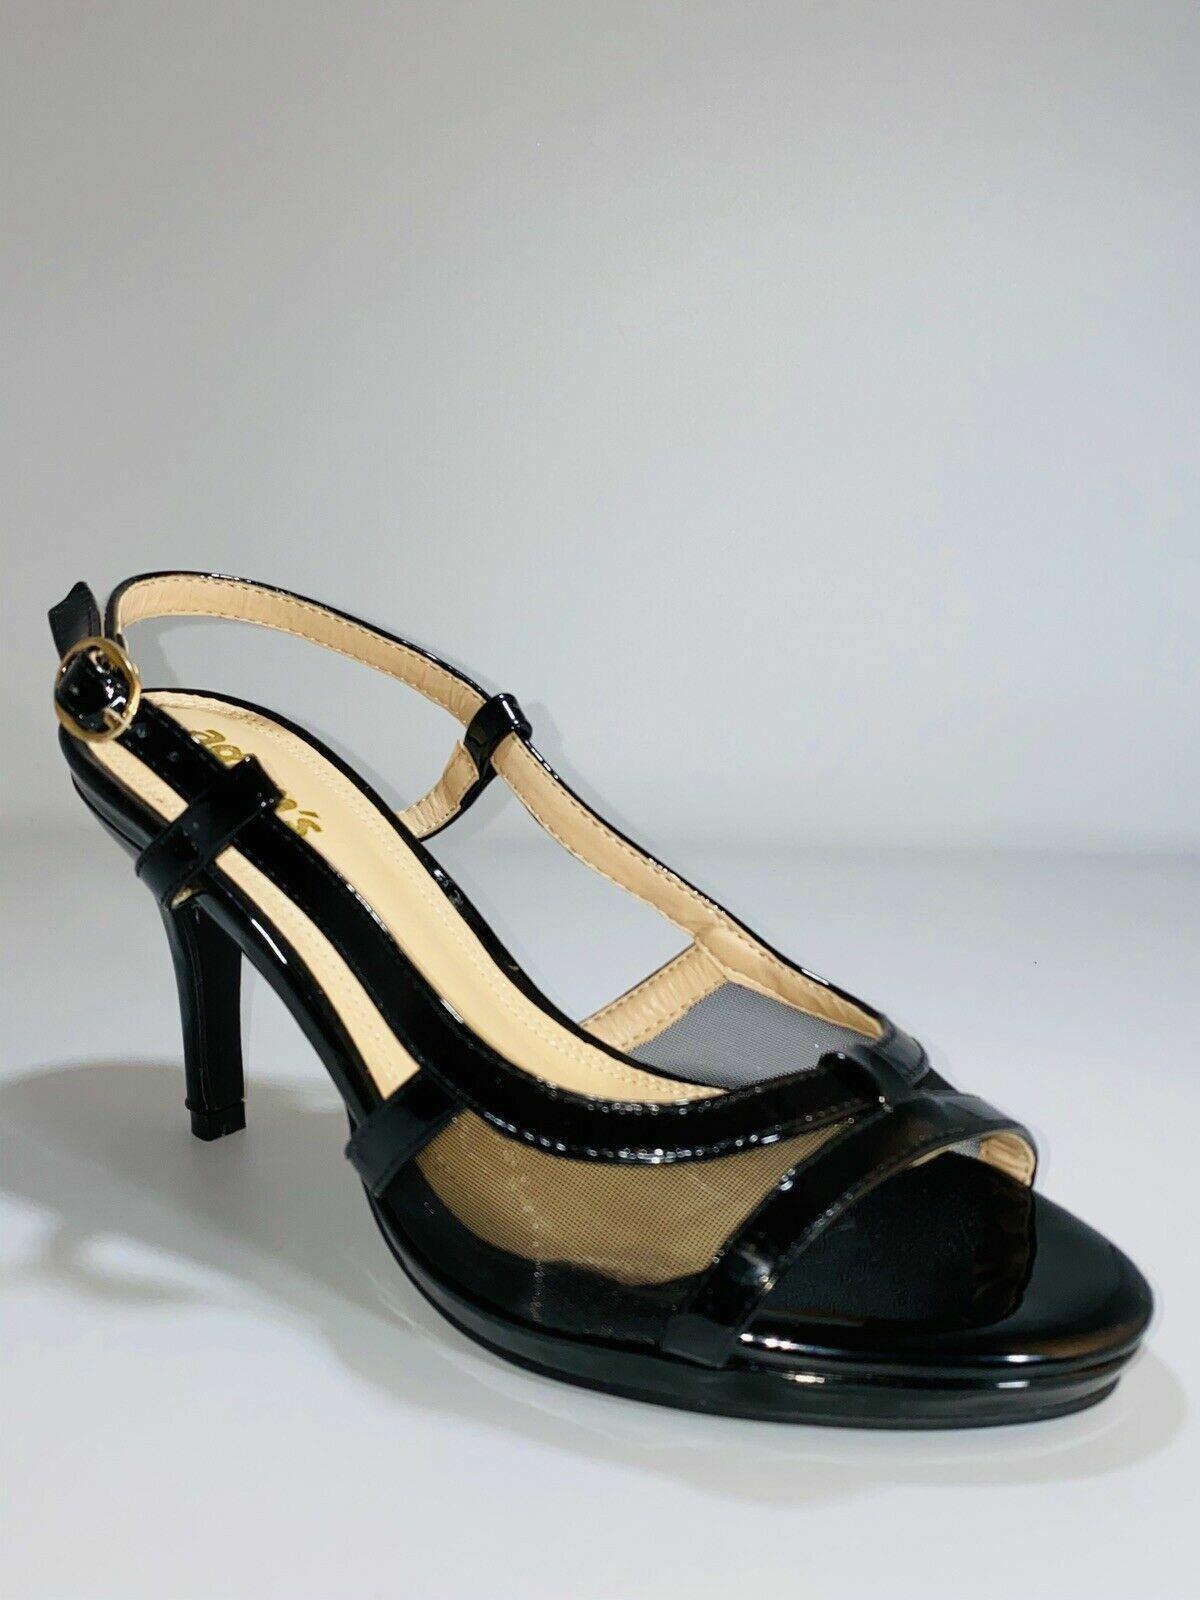 Adam's Women's Sandals Open Toe Patent & Mesh Strappy High Heels